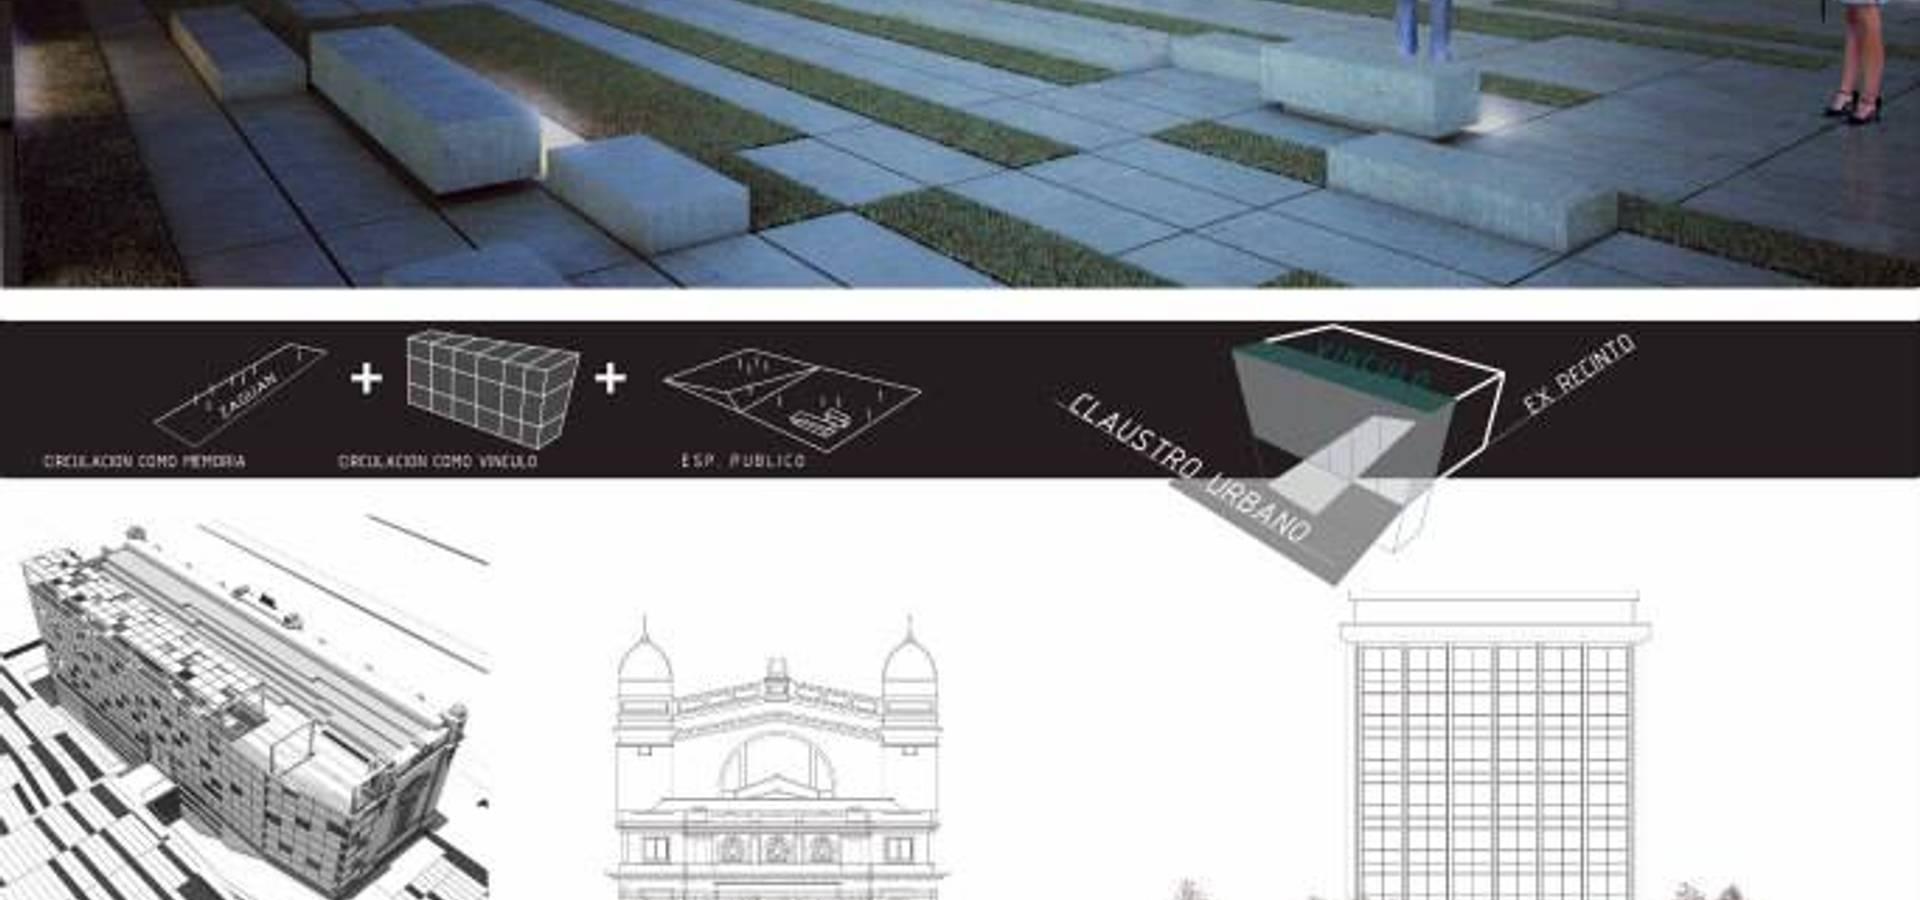 Soneira Francisco Arquitecto